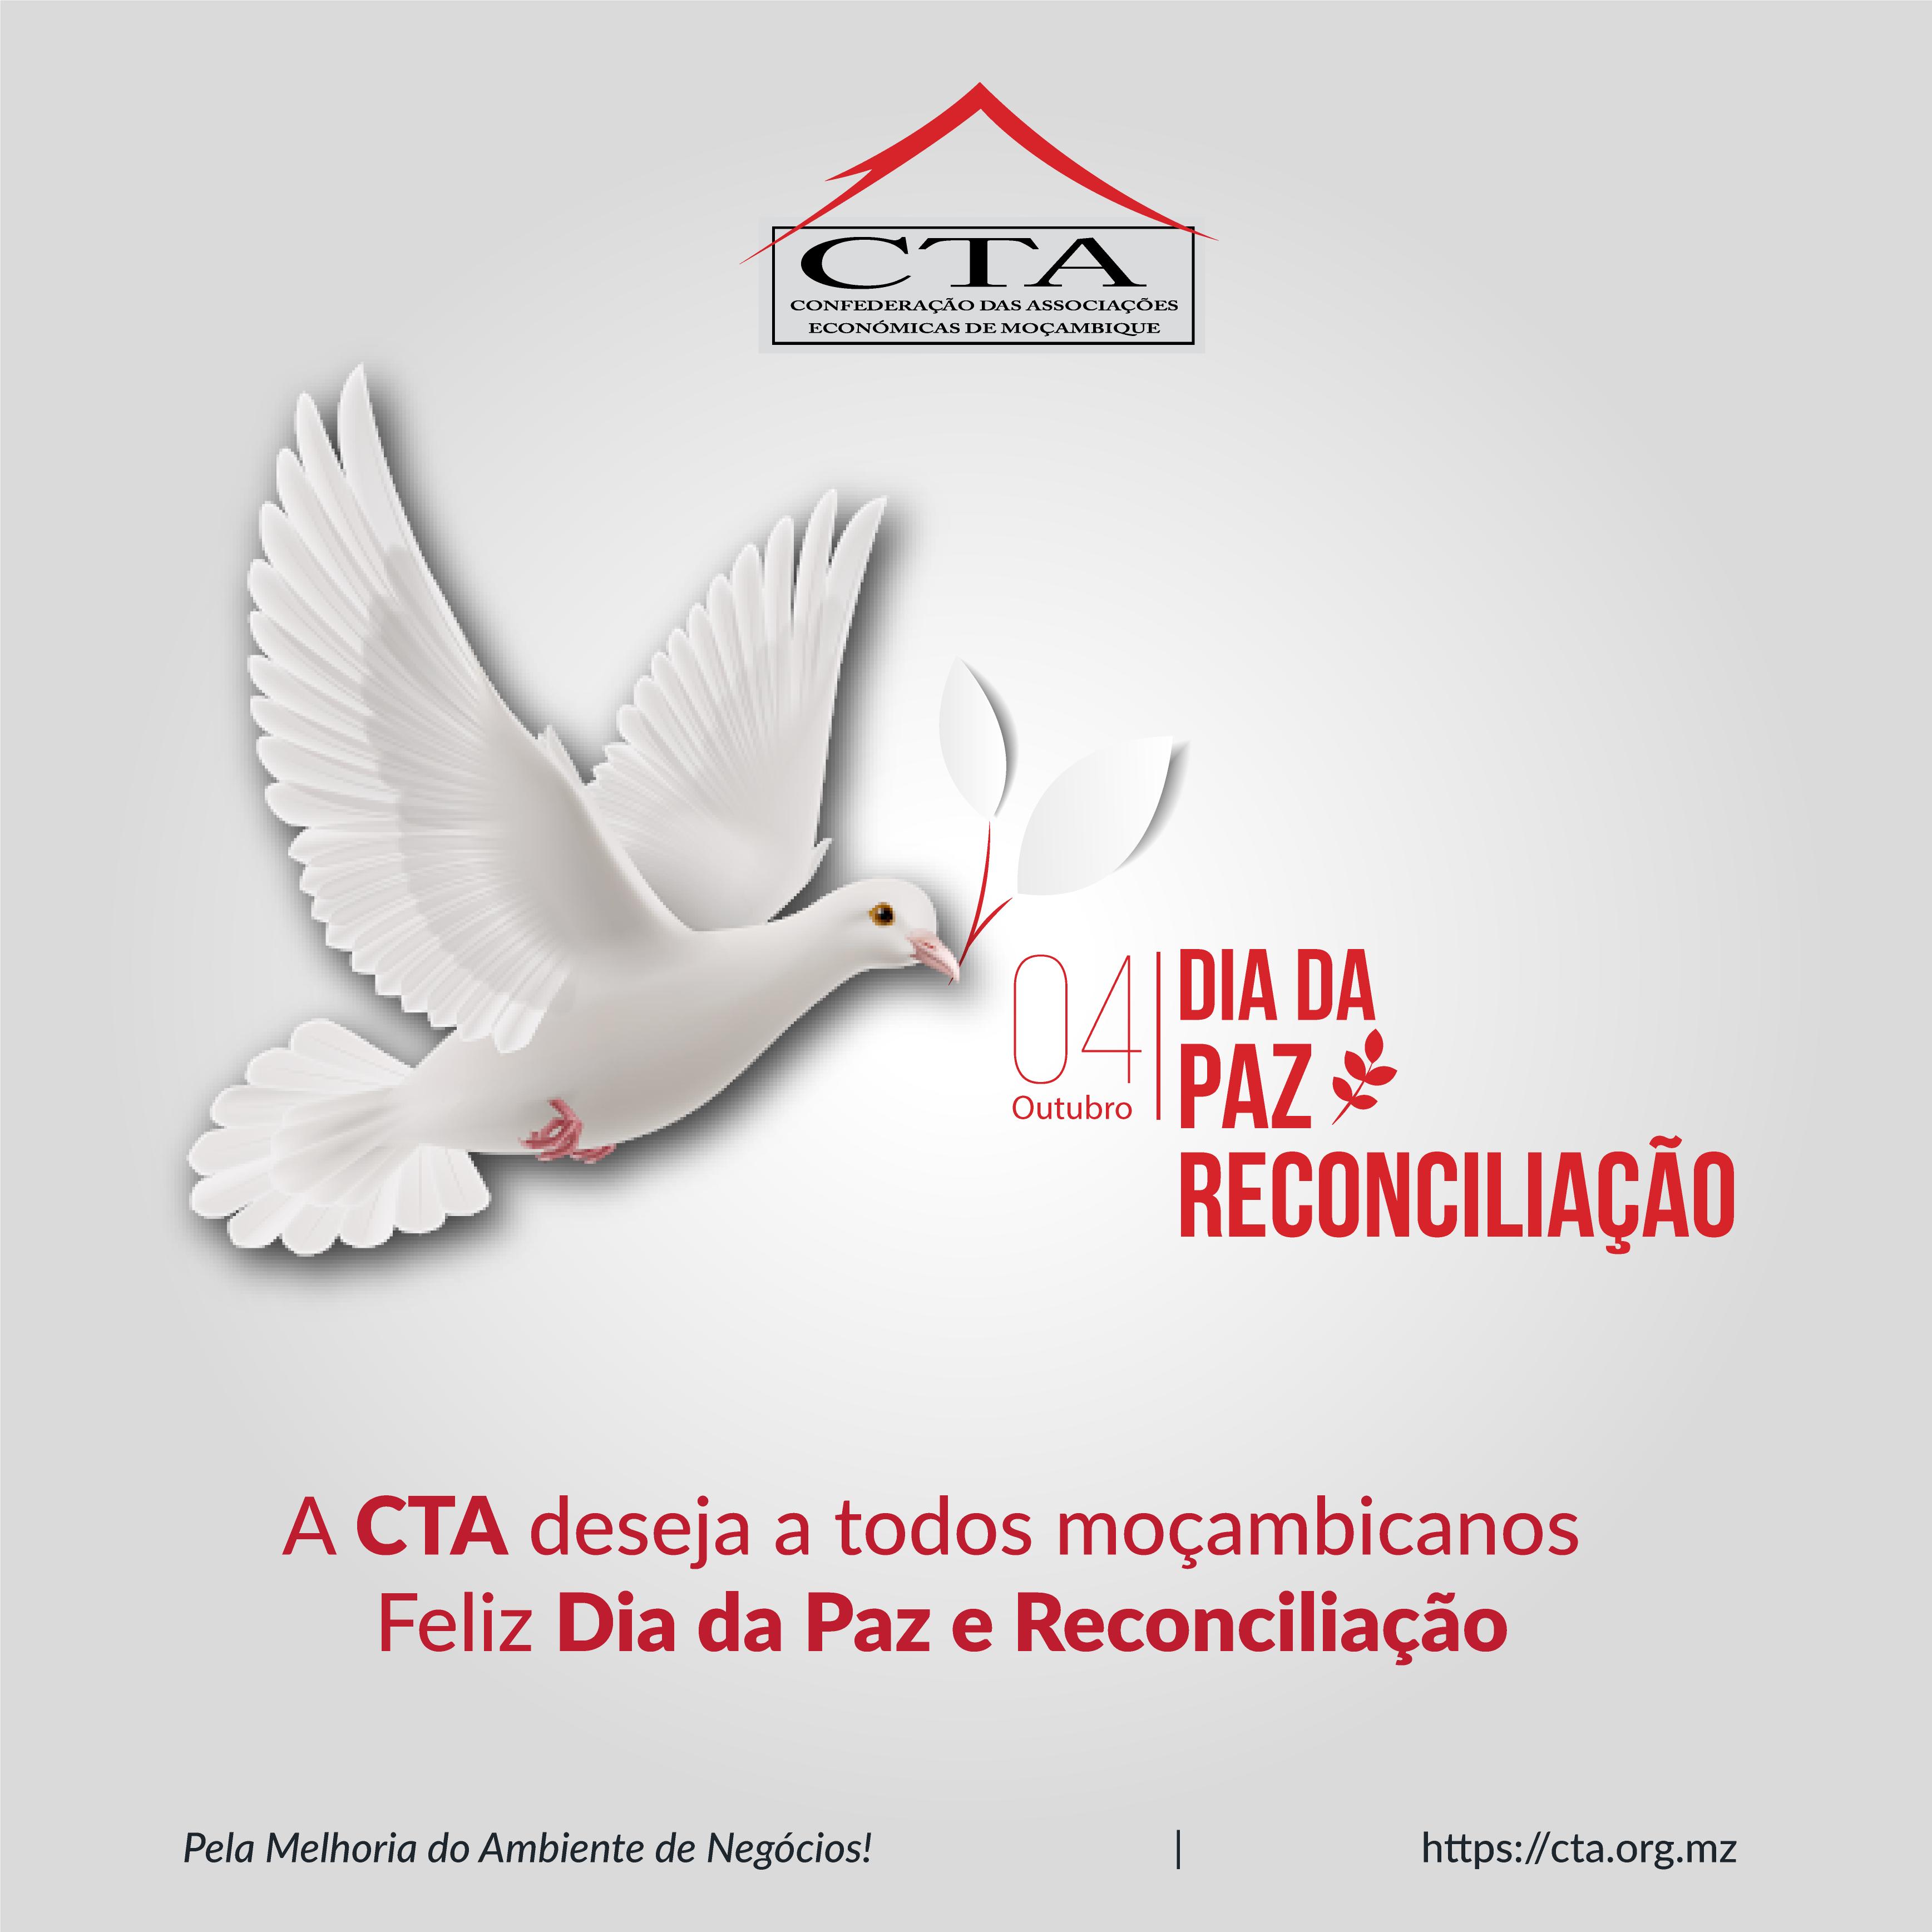 A CTA deseja a todos moçambicanos  Feliz Dia da Paz e Reconciliação